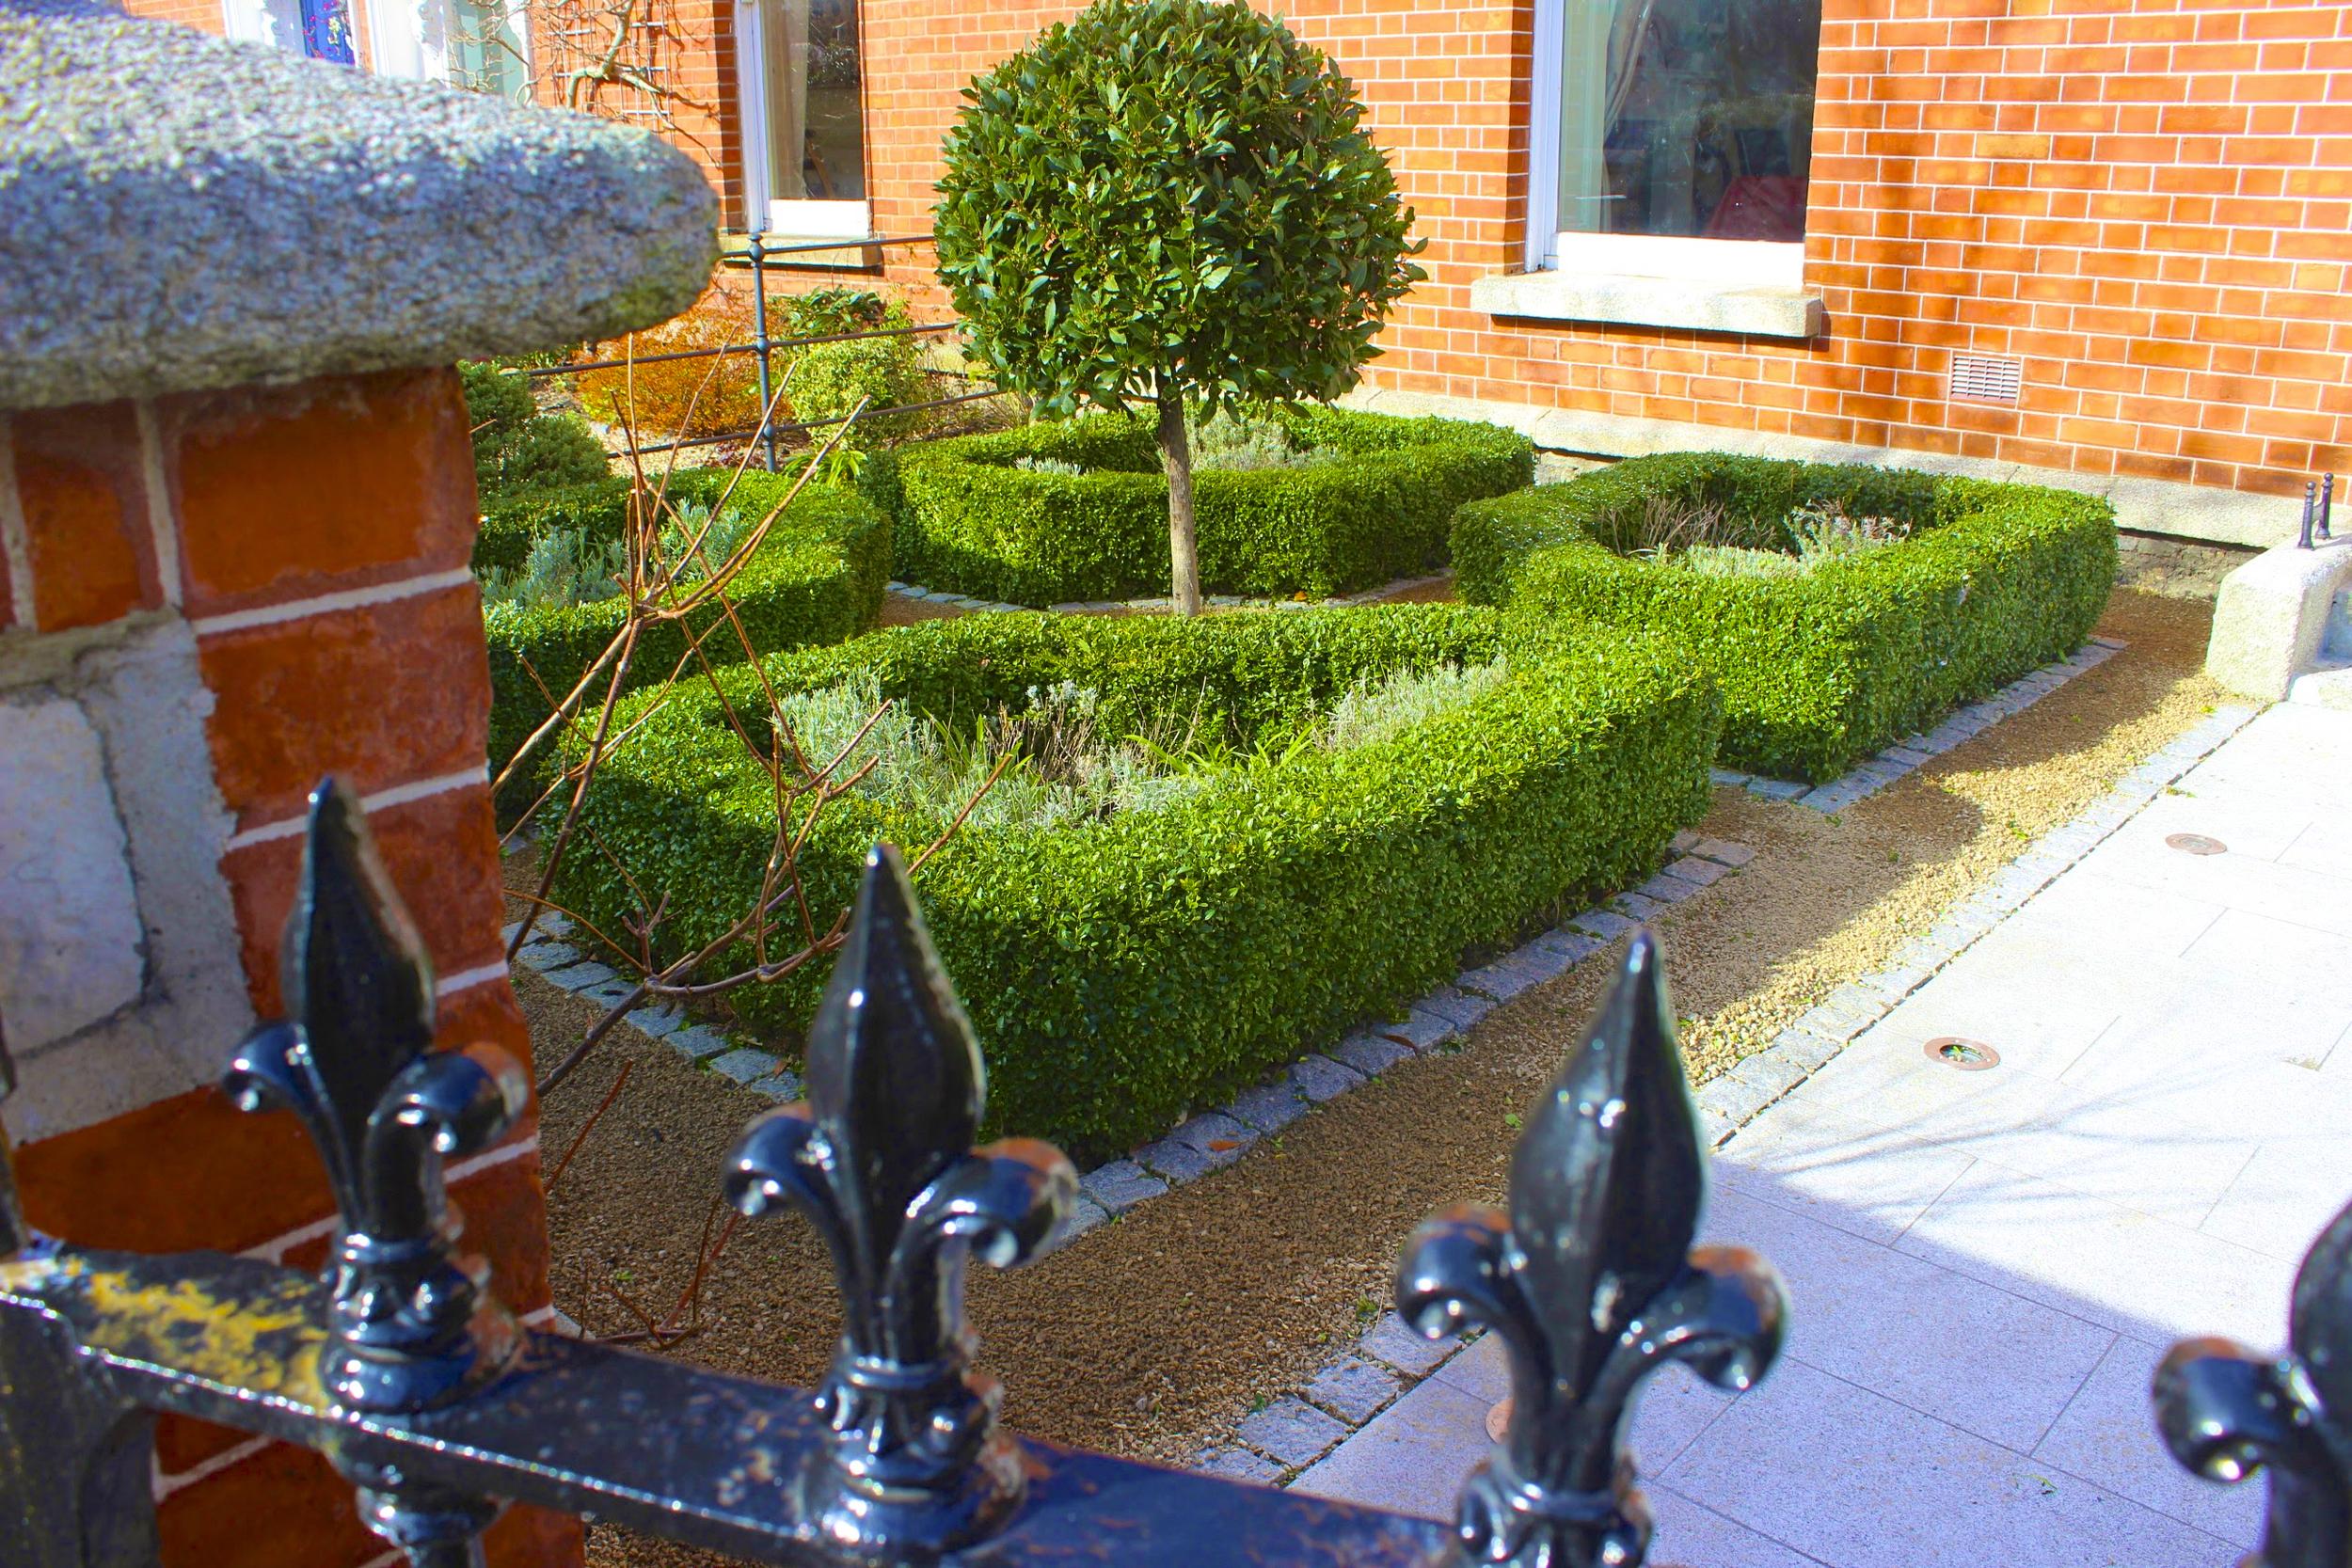 Formal Parterre garden design